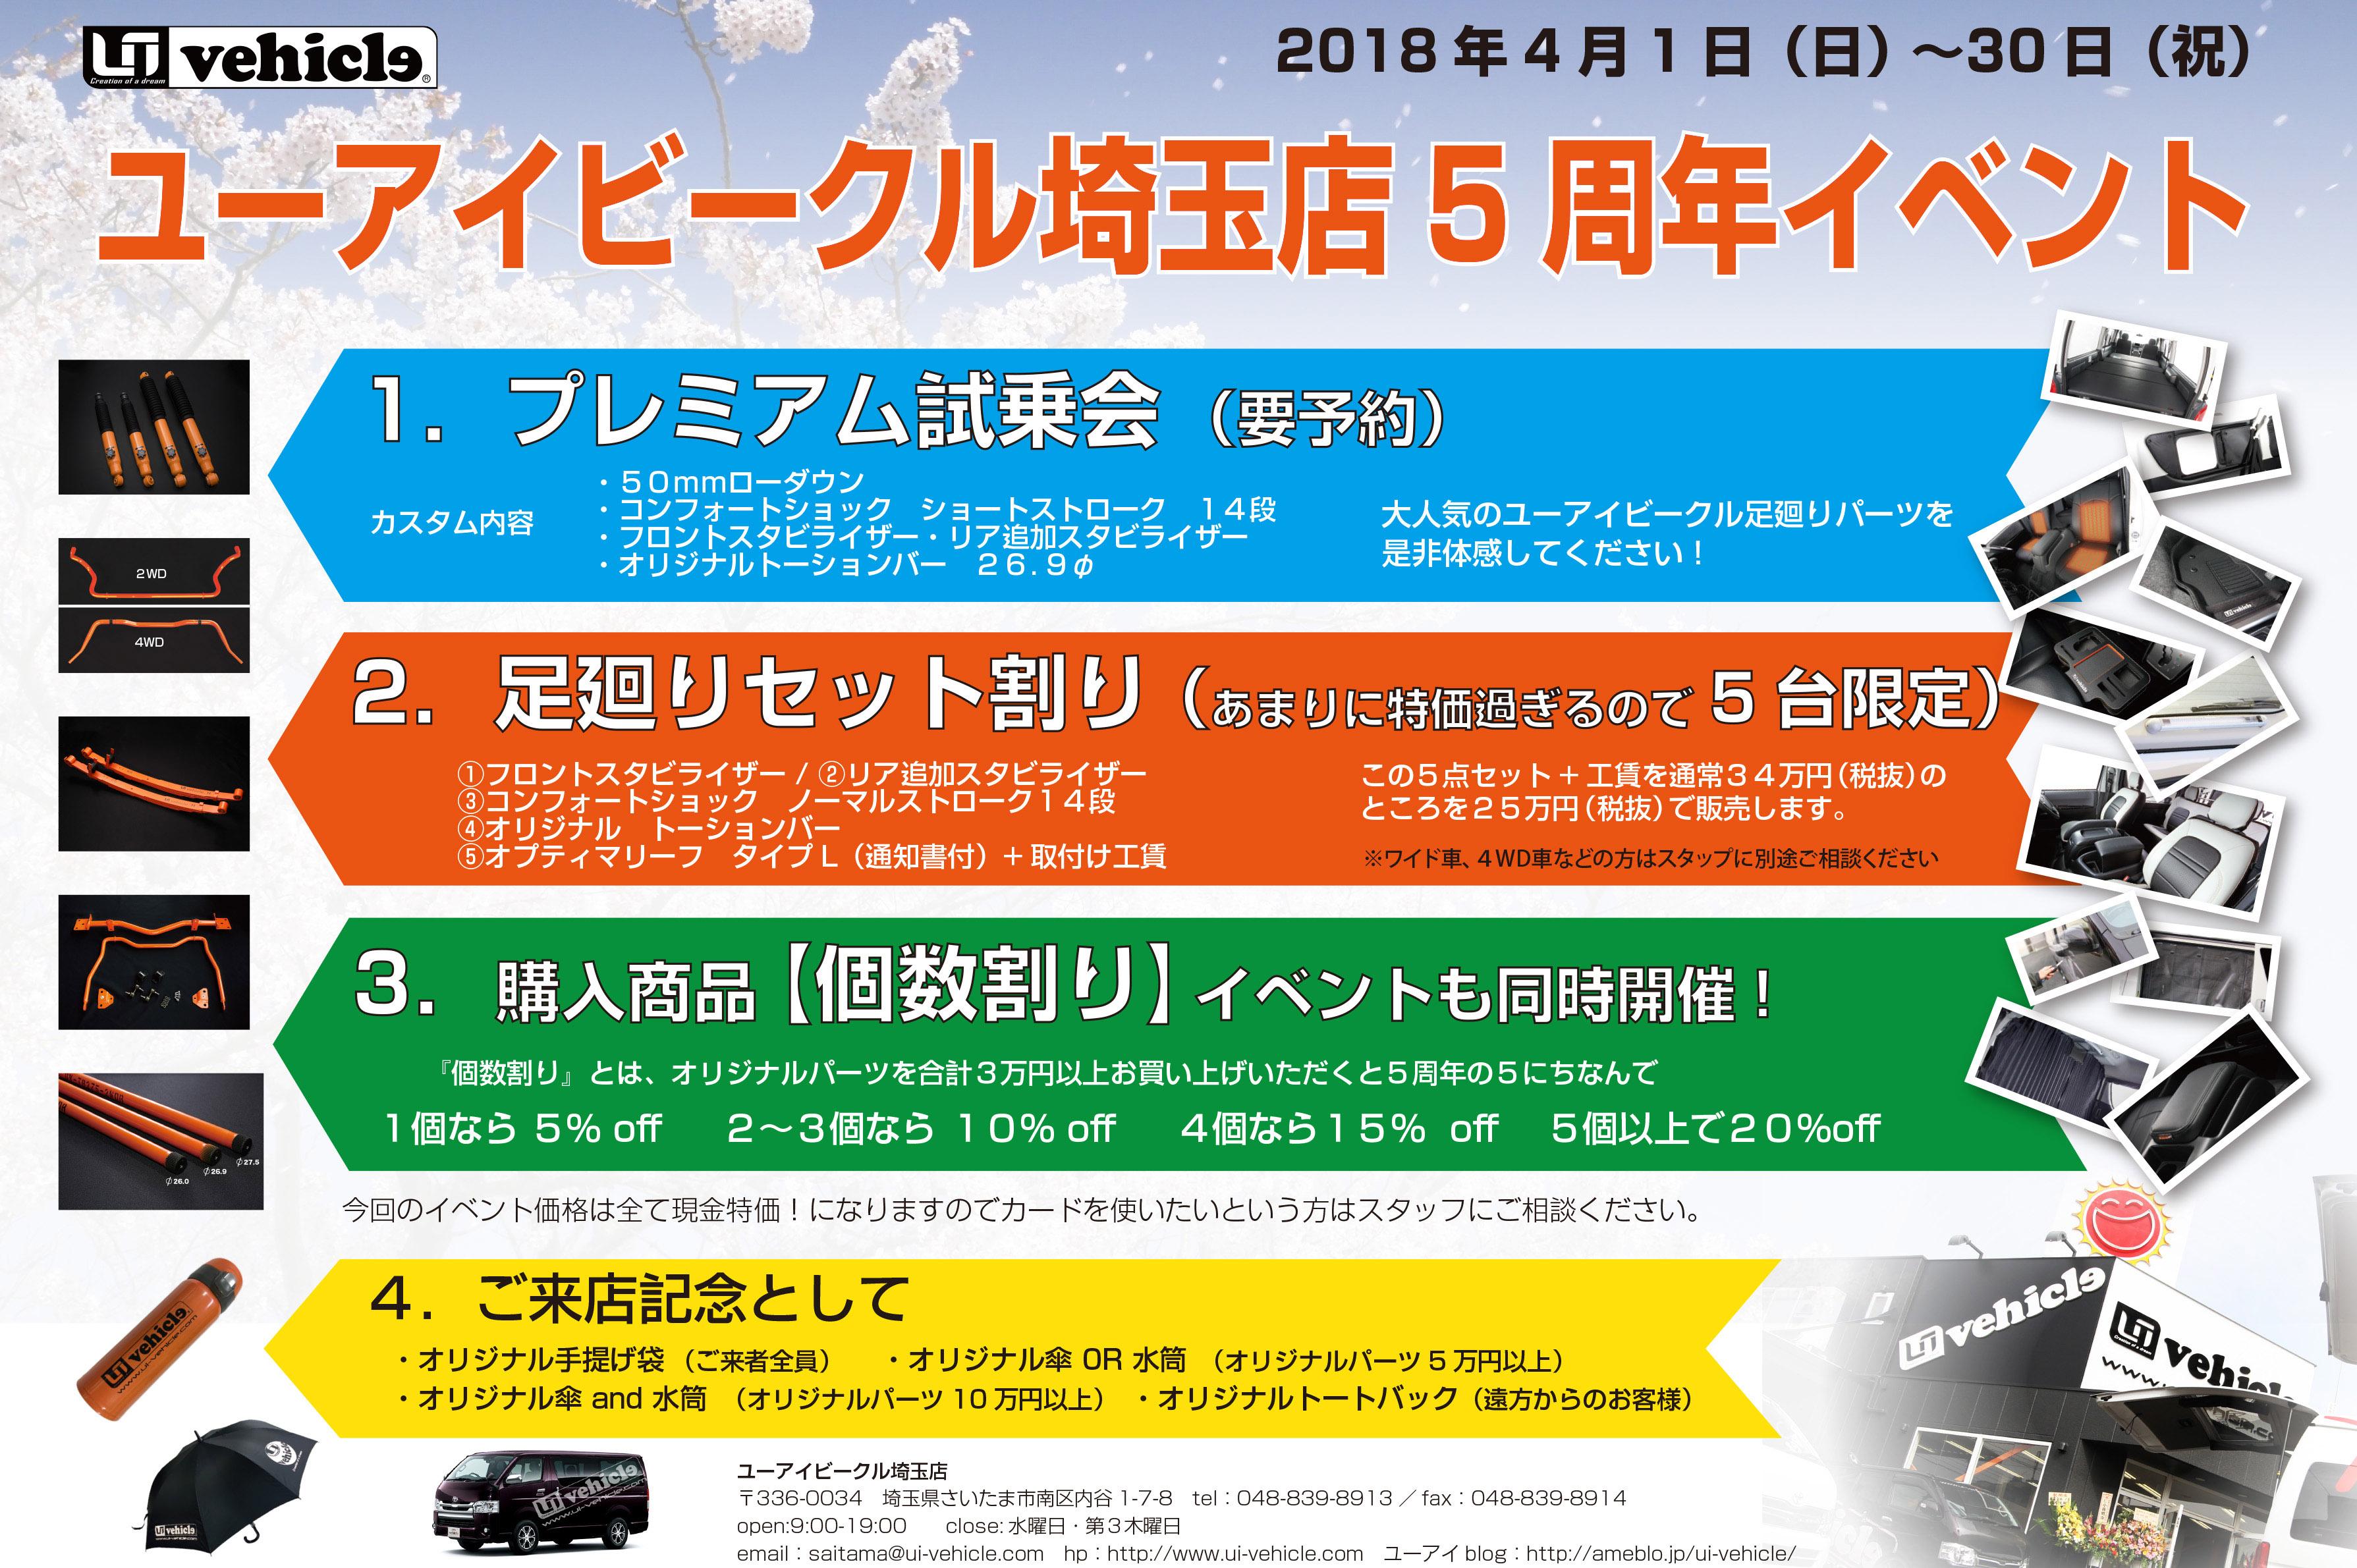 ユーアイビークル埼玉5周年イベント